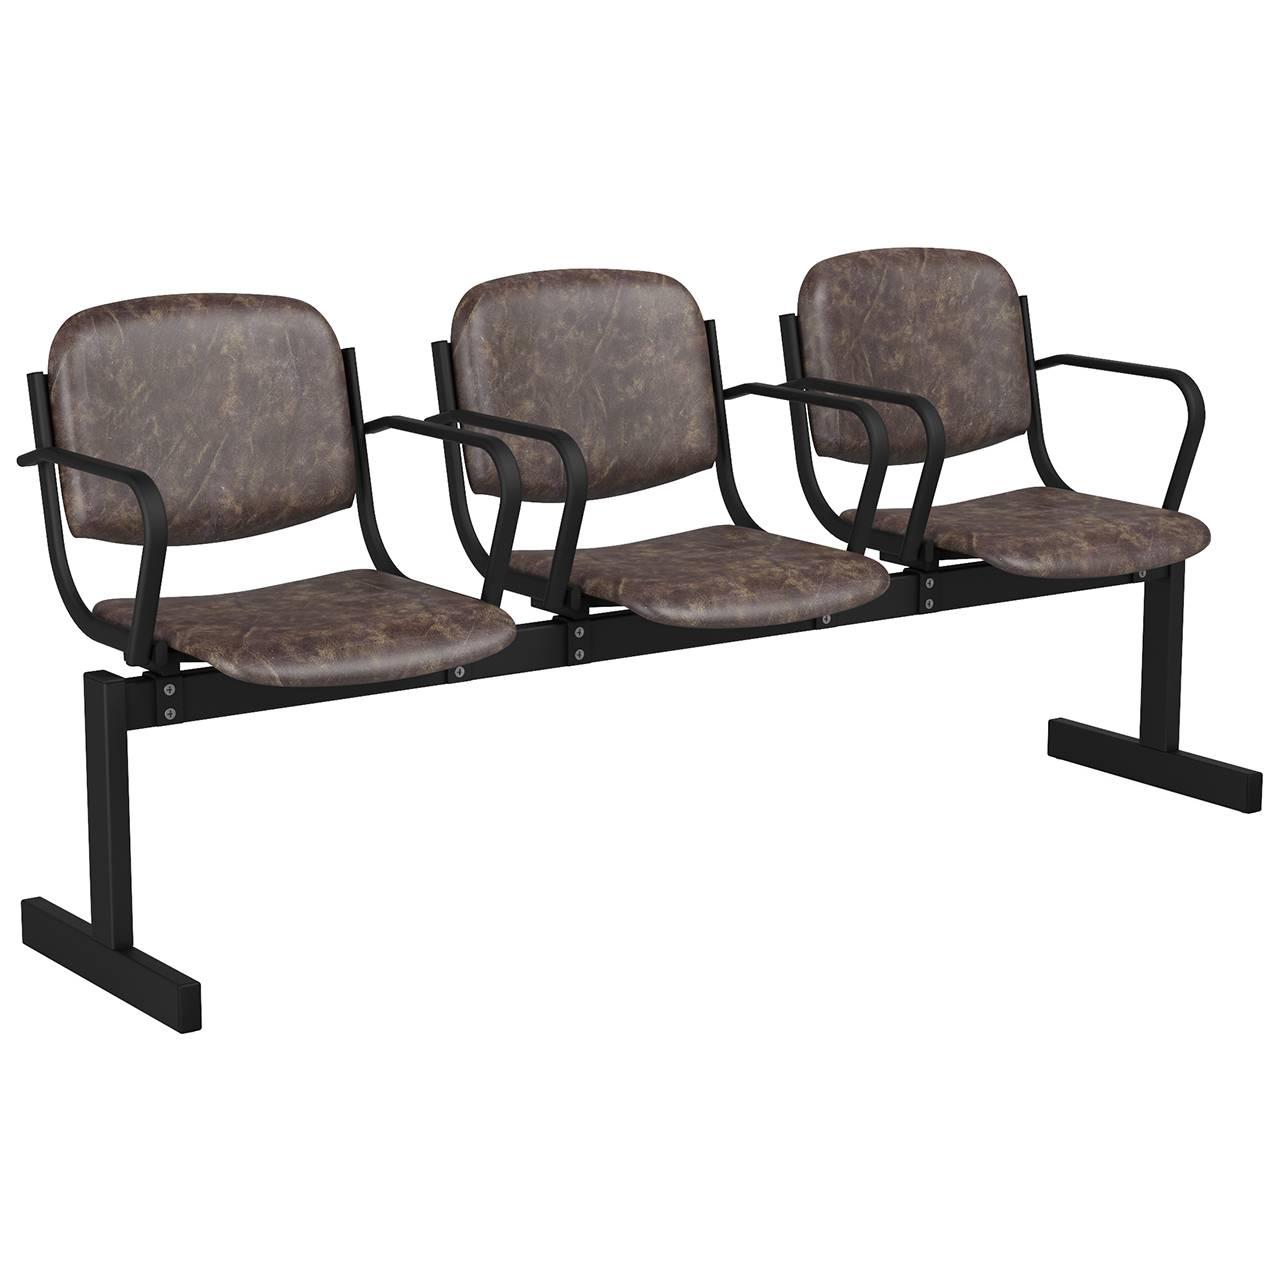 3-местный, не откидывающиеся сиденья, мягкий, подлокотники черный коричневый Кожзаменитель